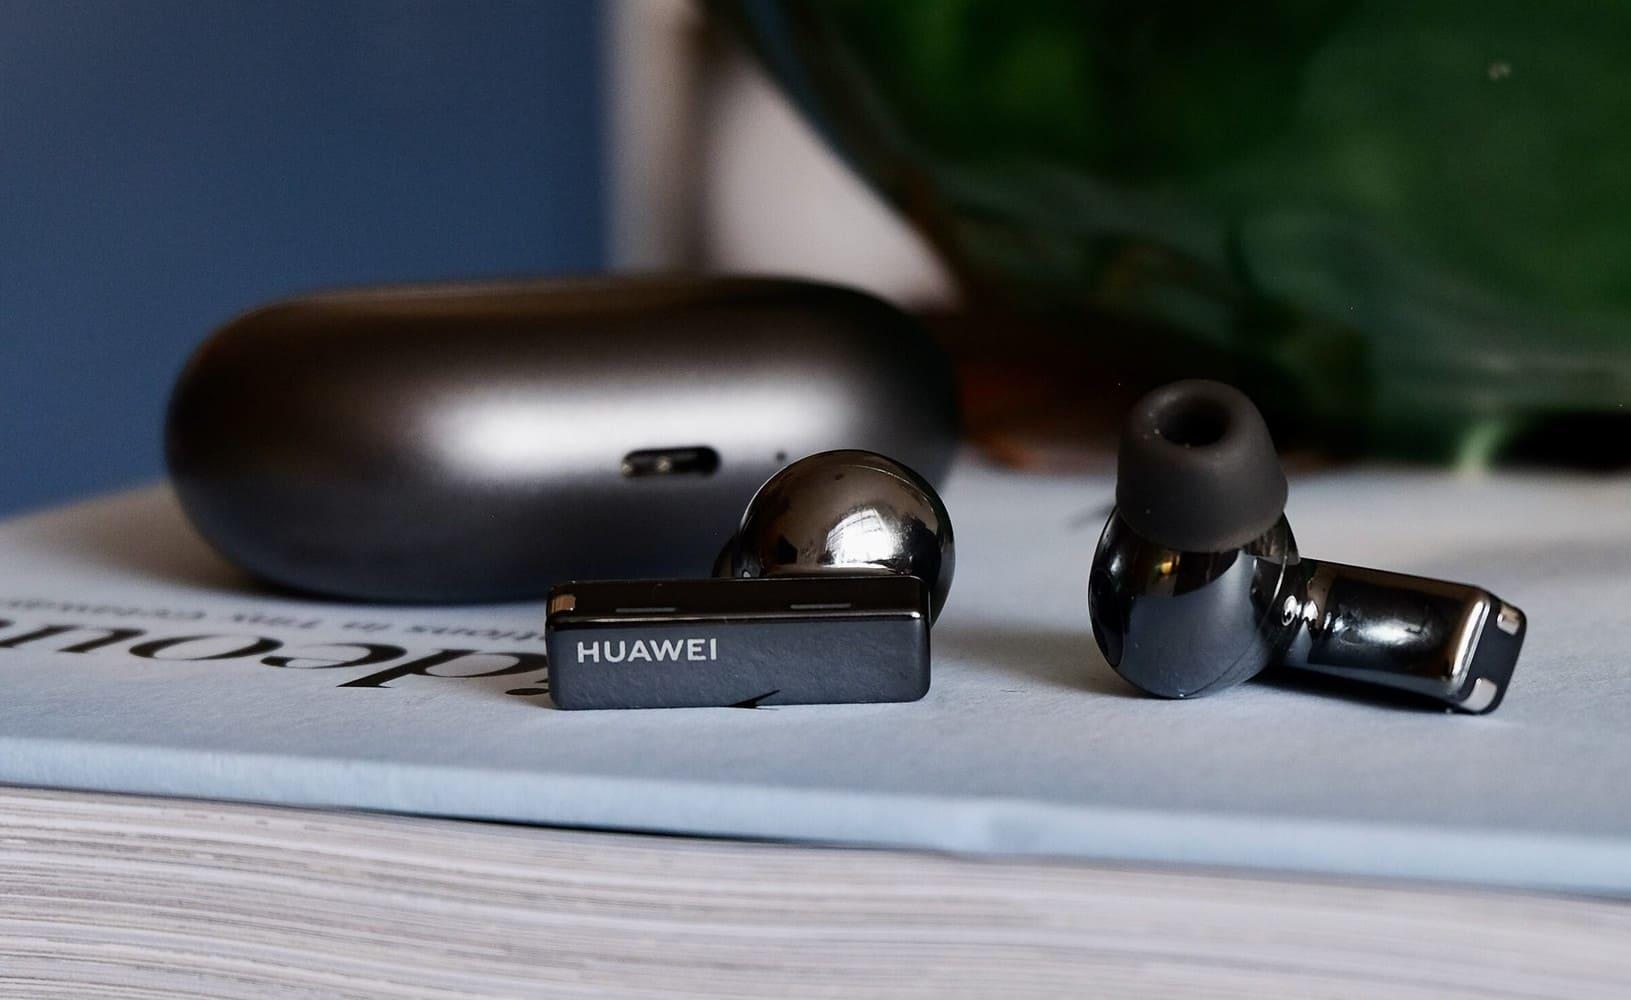 Huawei Freebuds Pro: компания представила новые TWS наушники🎧 Дата выхода и стоимость Freebuds Pro и Freelance Pro - Earphones-Review🎧